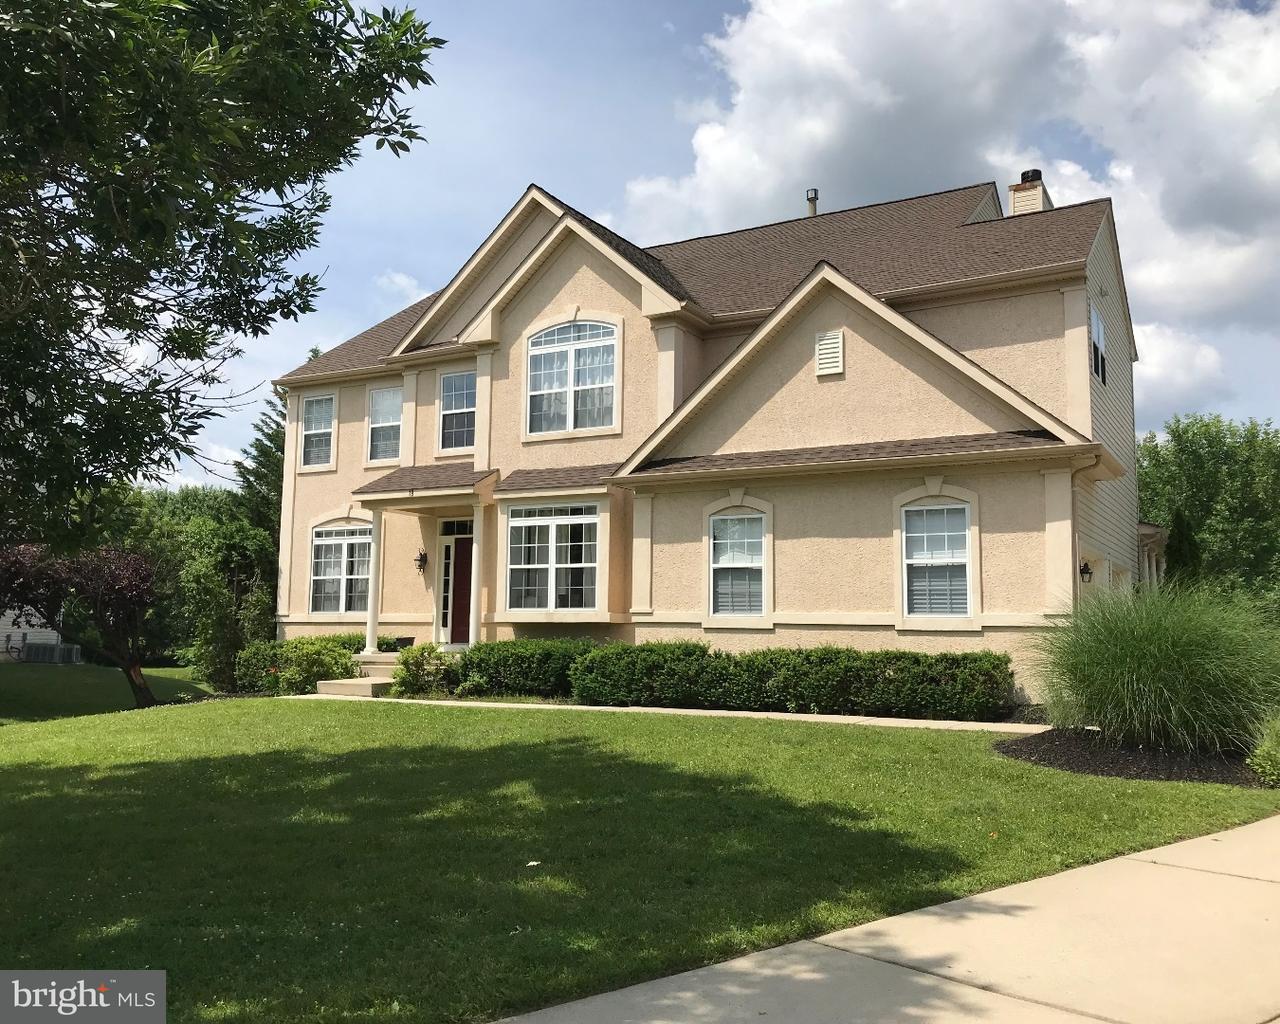 Einfamilienhaus für Verkauf beim 19 ARMSTRONG Drive Cinnaminson, New Jersey 08077 Vereinigte Staaten